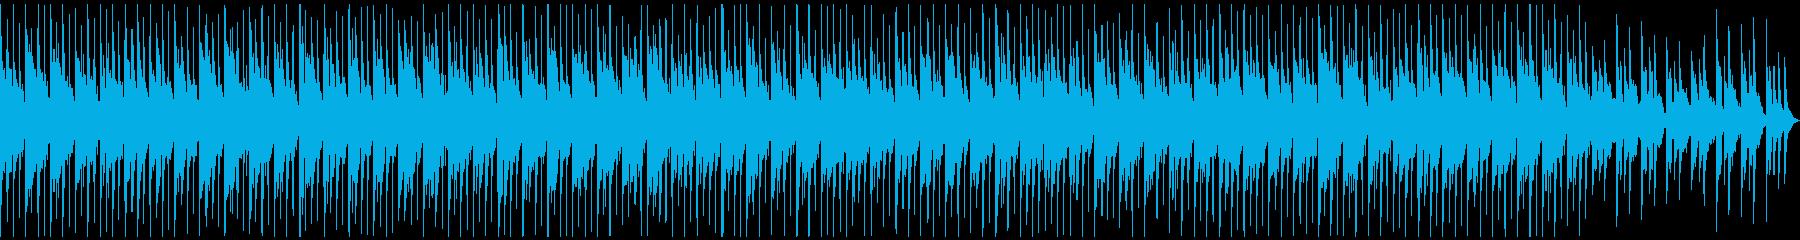 企業VPポップで明るい前向きコーポレートの再生済みの波形